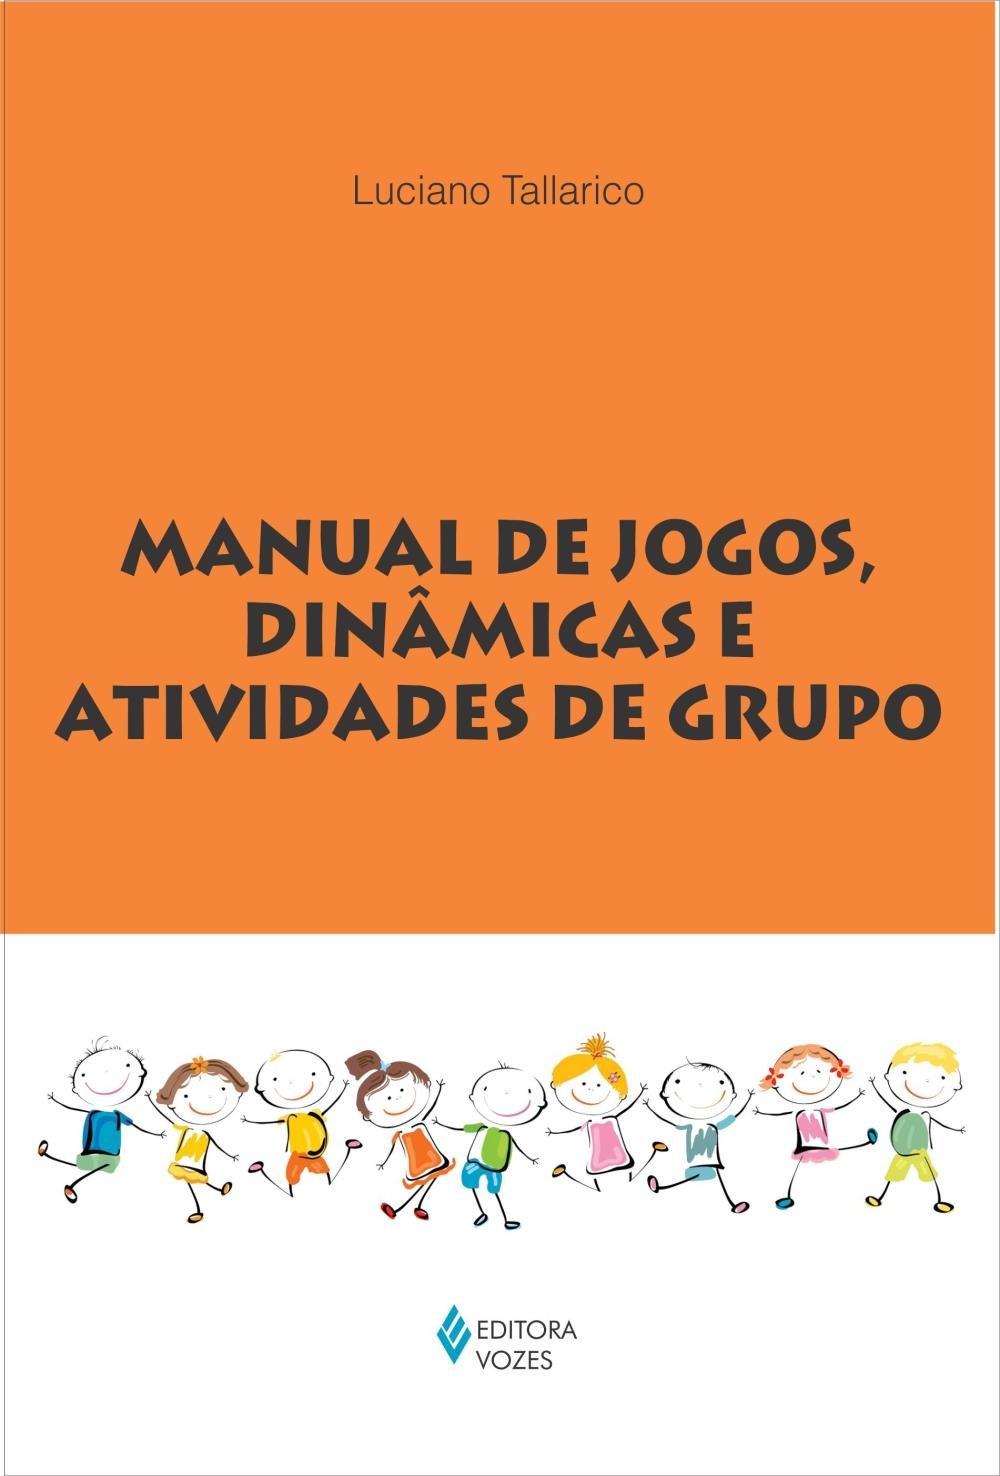 Manual De Jogos Dinâmicas E Atividades De Grupo